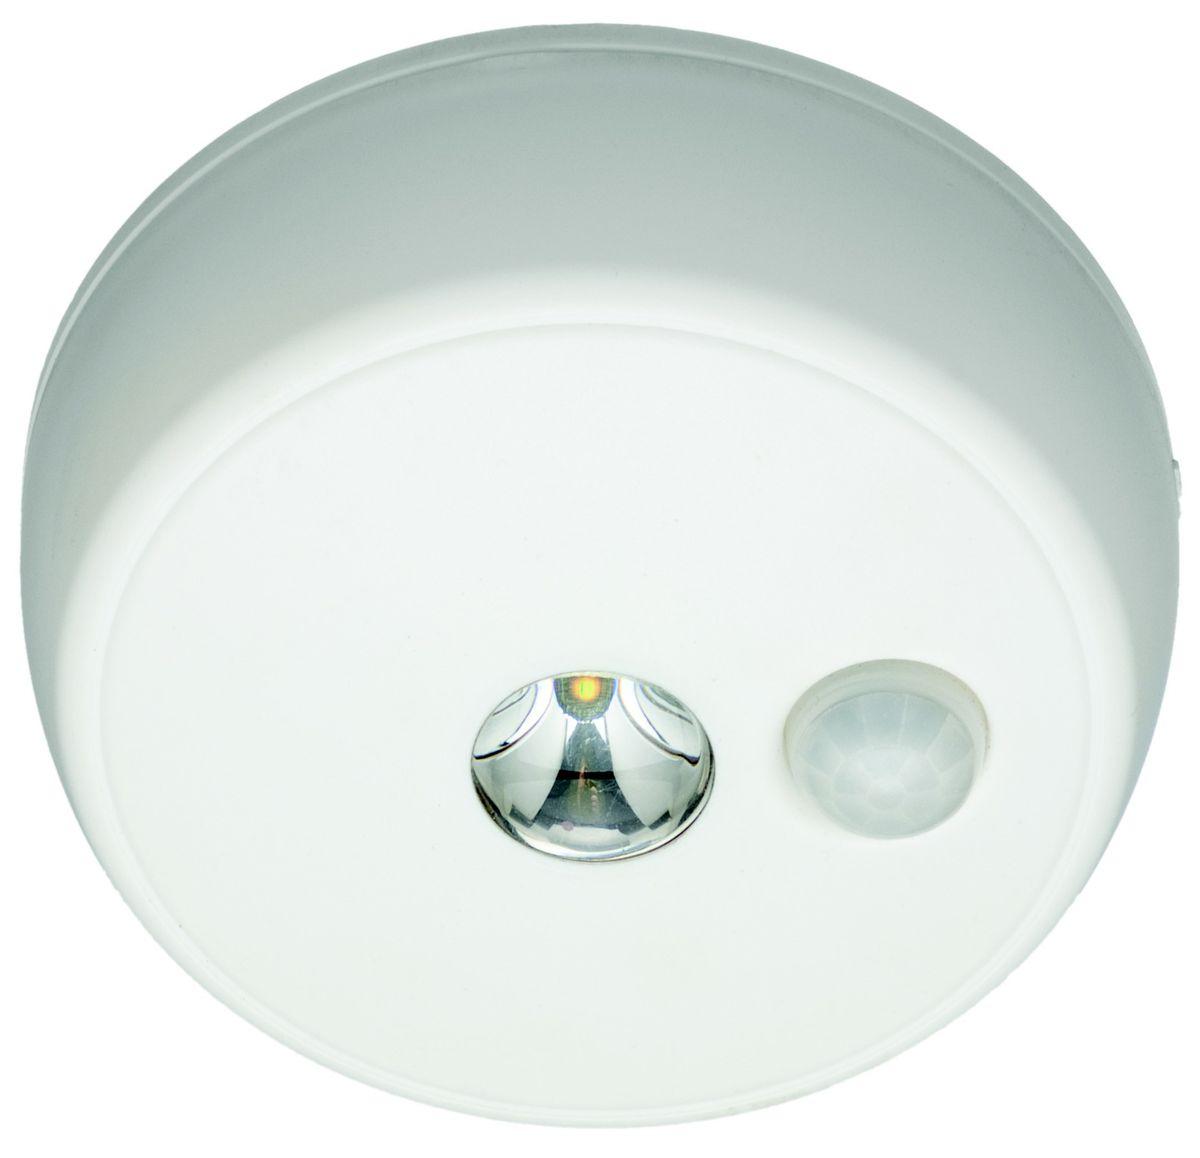 Mr Beams - Wireless Motion Sensor Led Ceiling Light ...